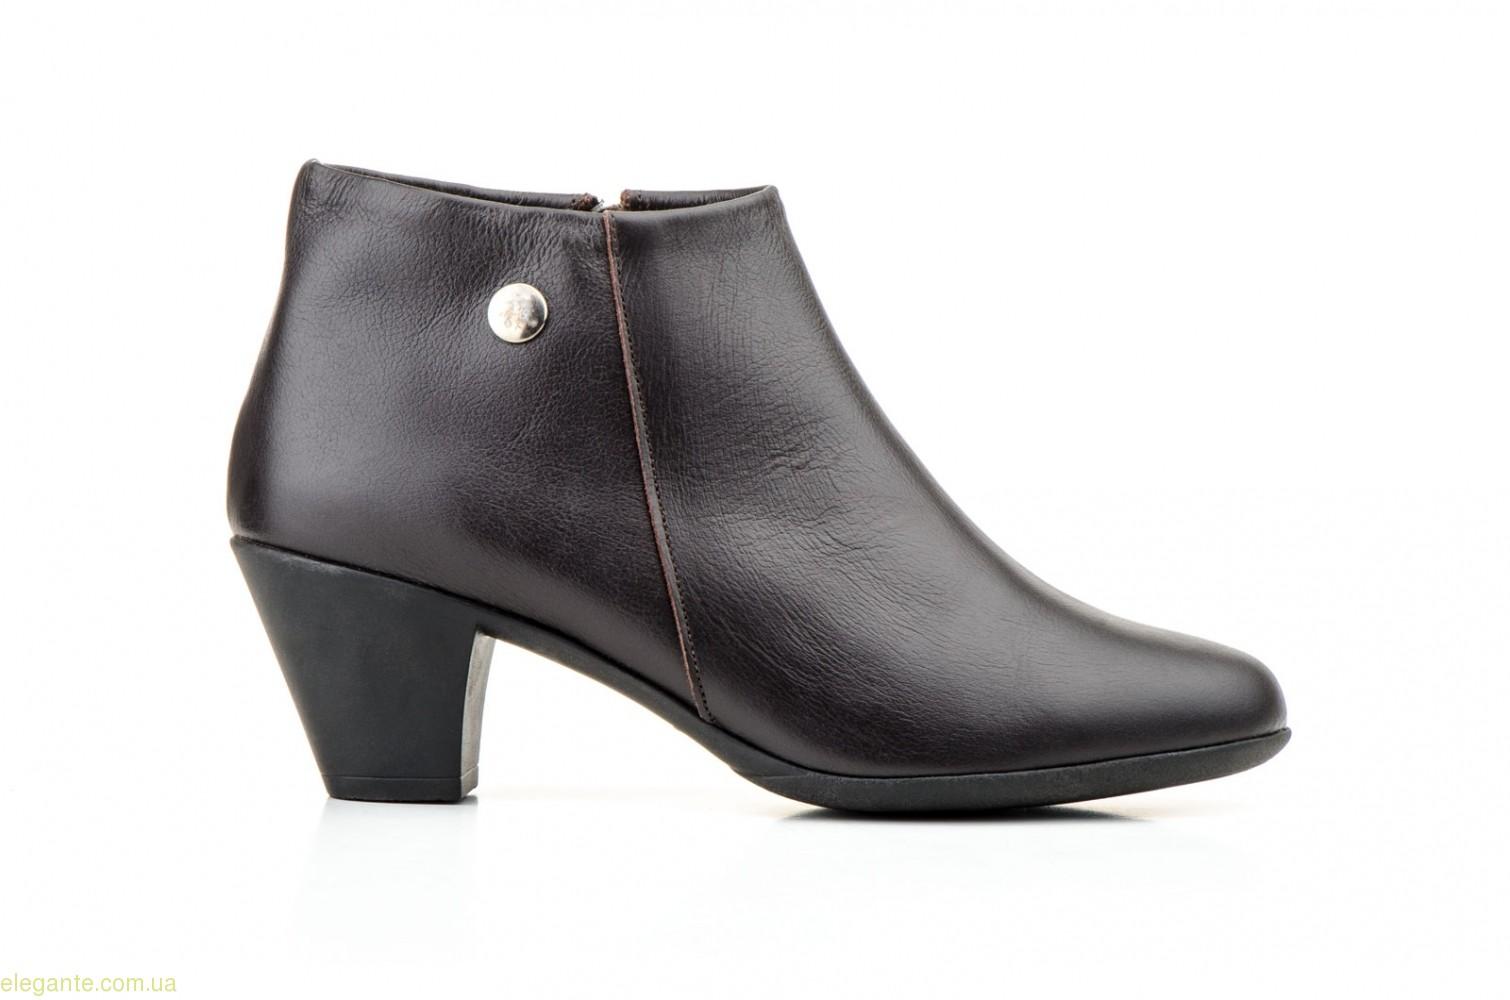 Женские ботинки CUTILLAS1 коричневые 0